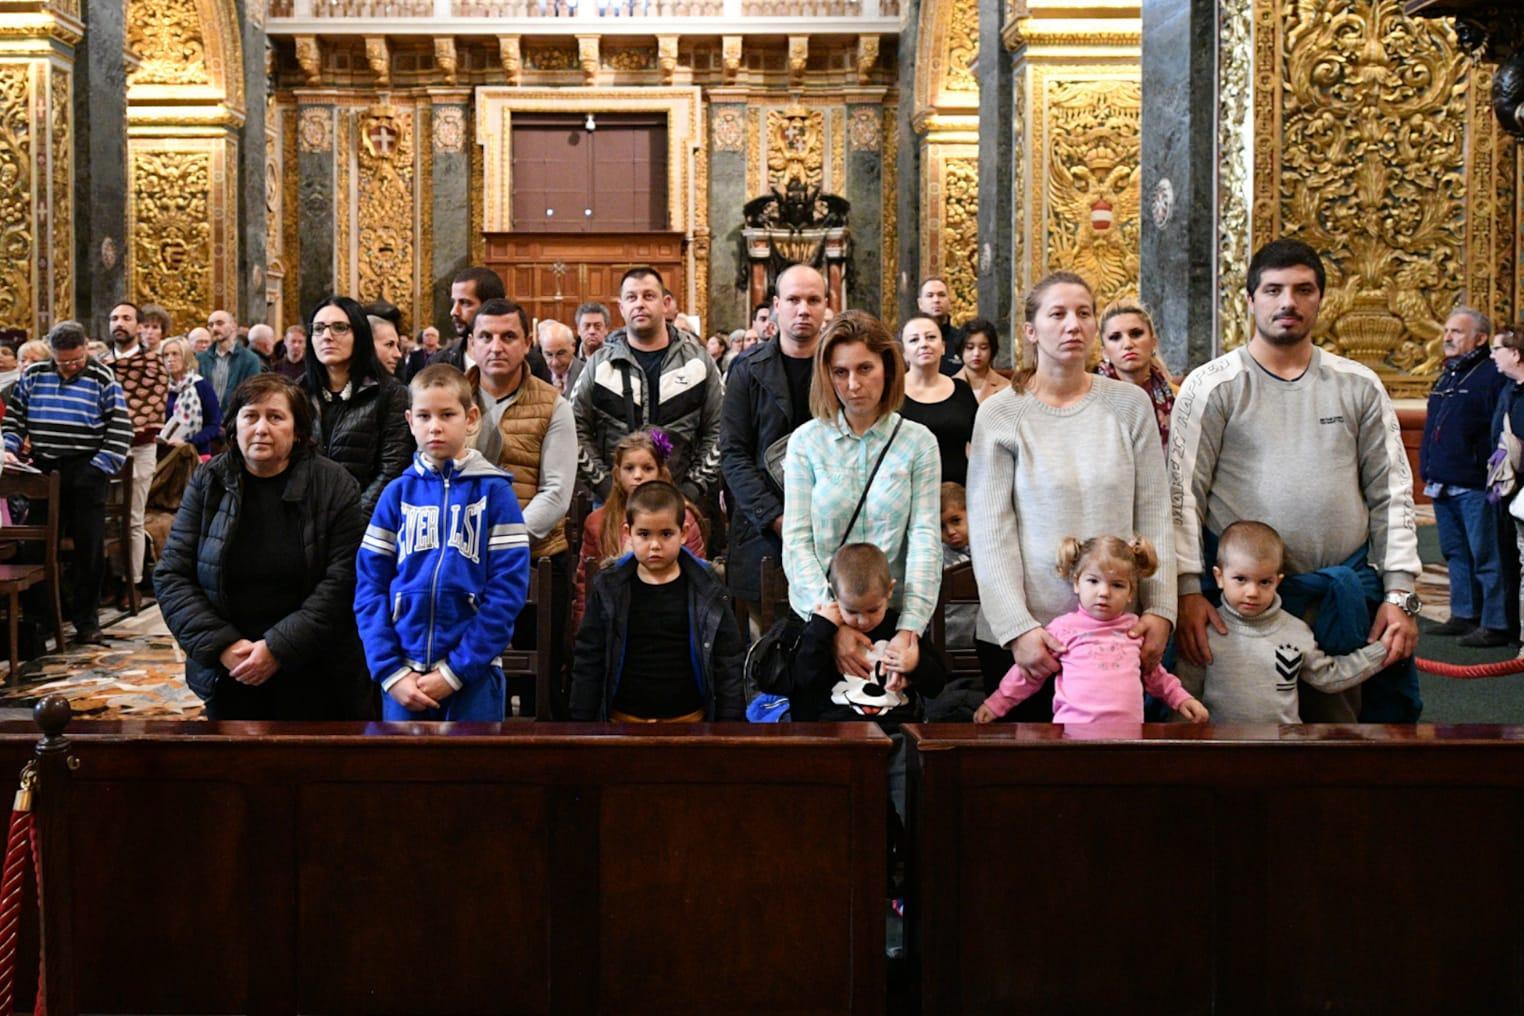 Photo: Curia - church.mt/photos